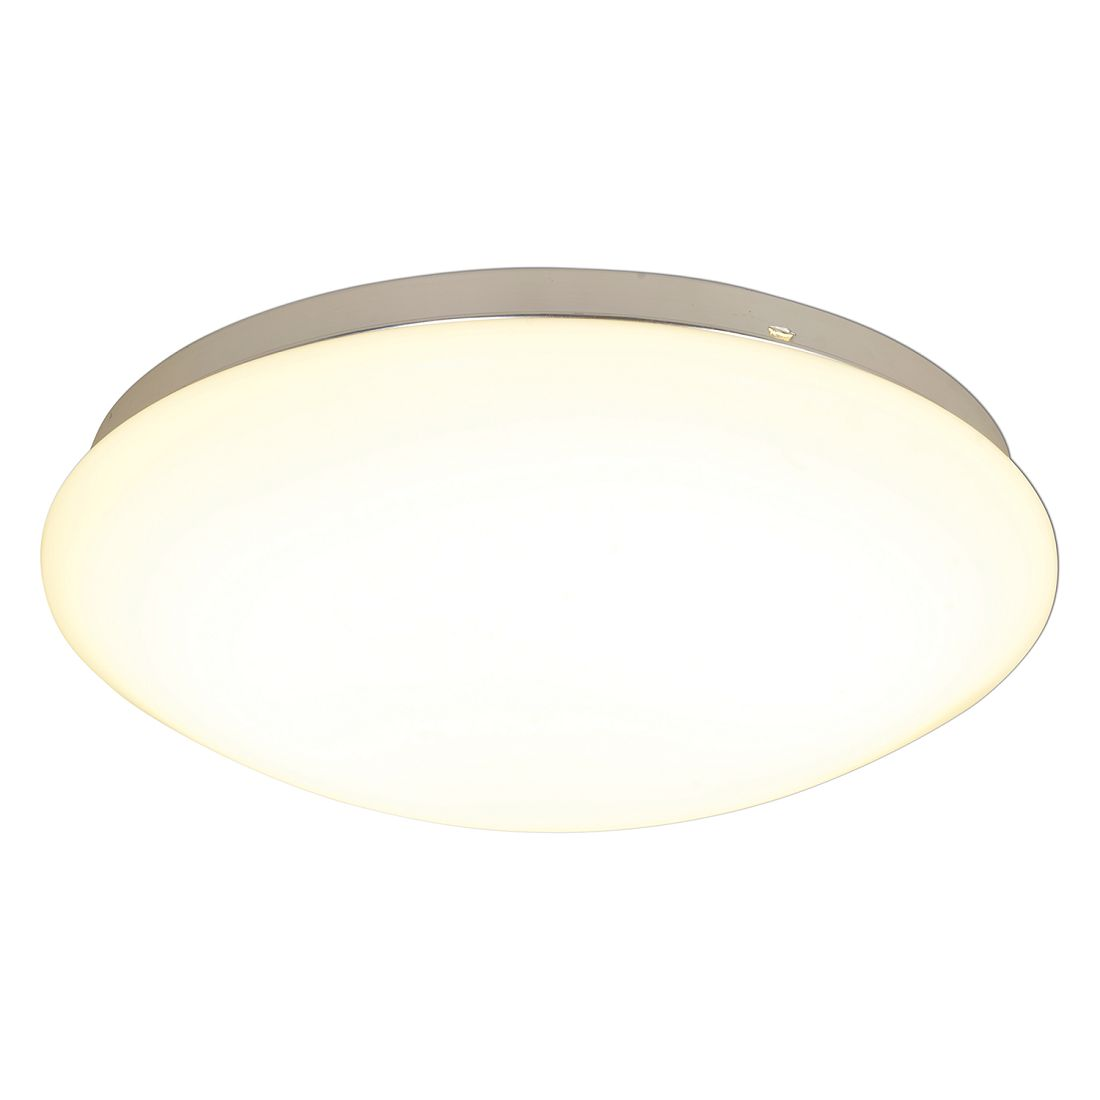 LED Deckenleuchte Modern - Glas - Weiß, Näve